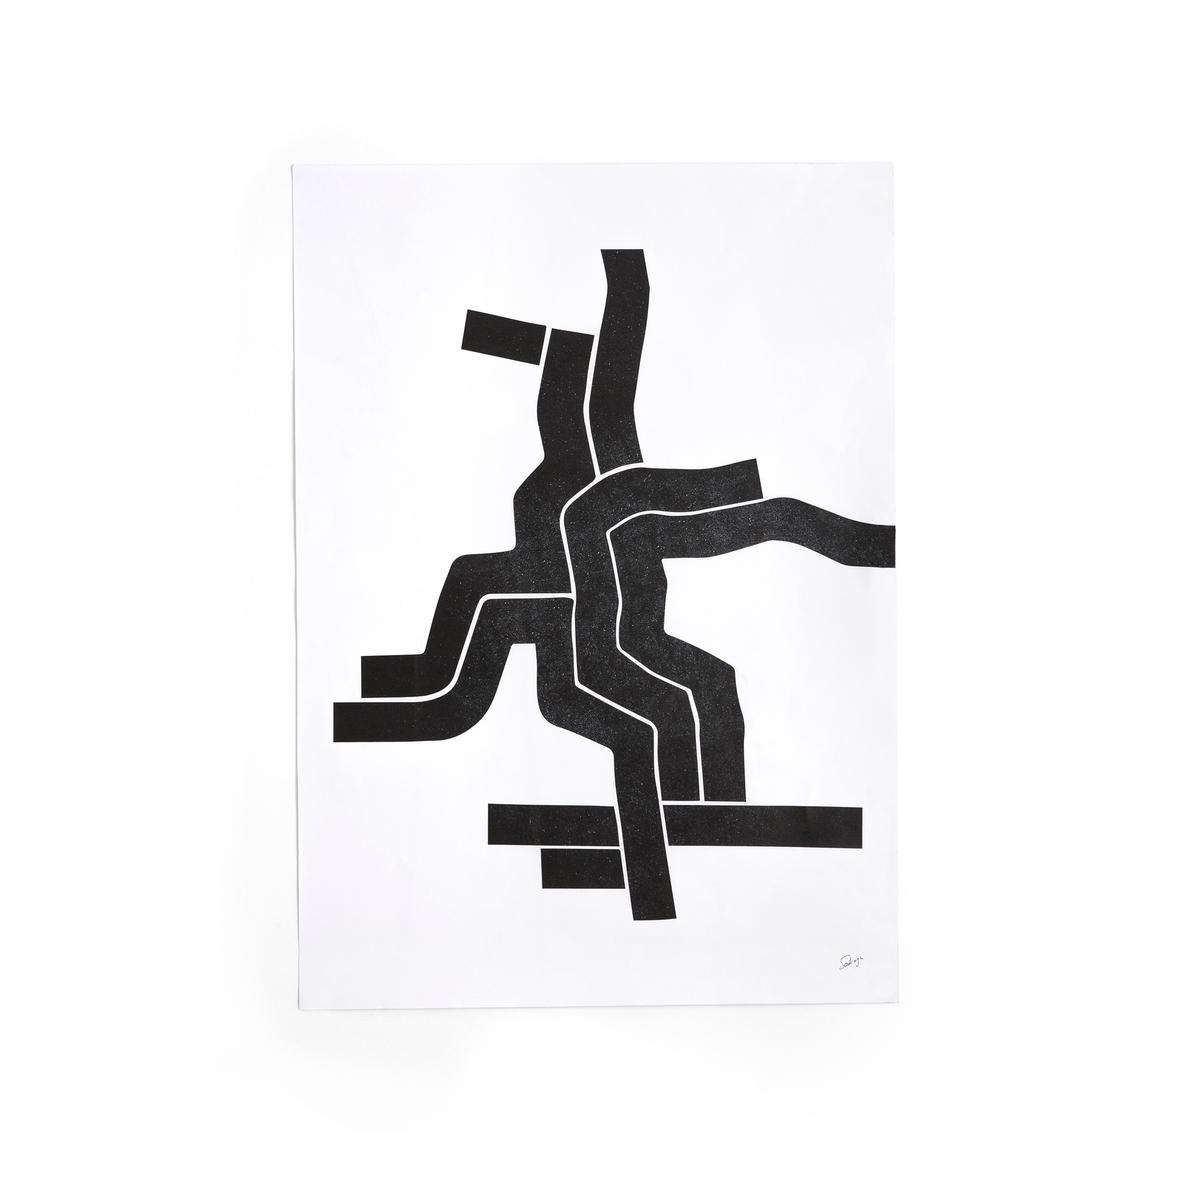 Плакат, рисунок 1 в черно-белых тонах, BialikПлакат Bialik. Графический и современный черно-белый рисунок. Из матовой офсетной бумаги, 170 г/м2. Размеры : 50 x 70 см. Сочетается с рамкой Milouin, представленной на нашем сайте.<br><br>Цвет: черный/ белый